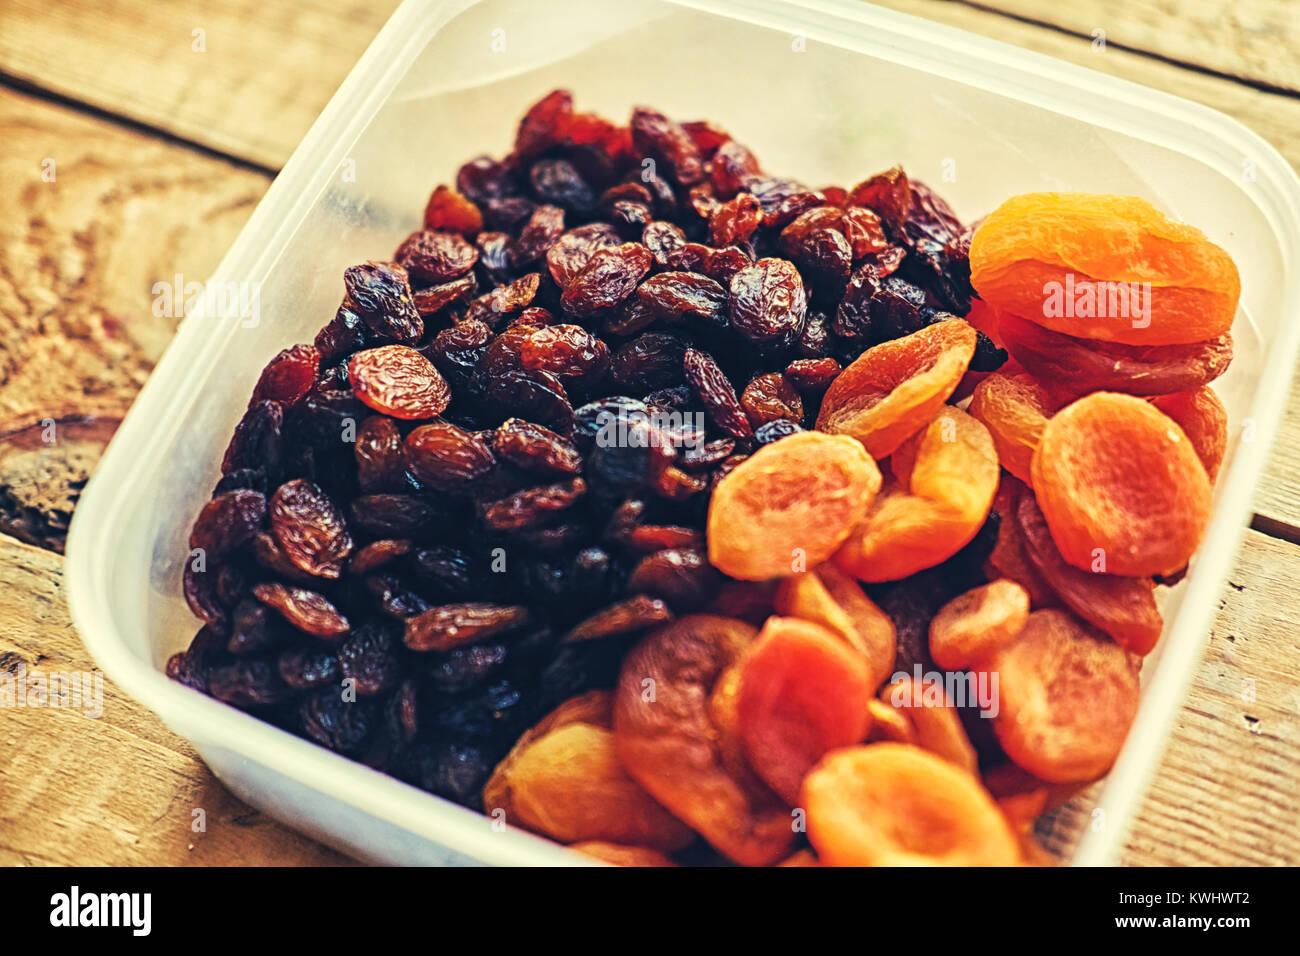 Alimentation nourriture. Les raisins et abricots secs Banque D'Images